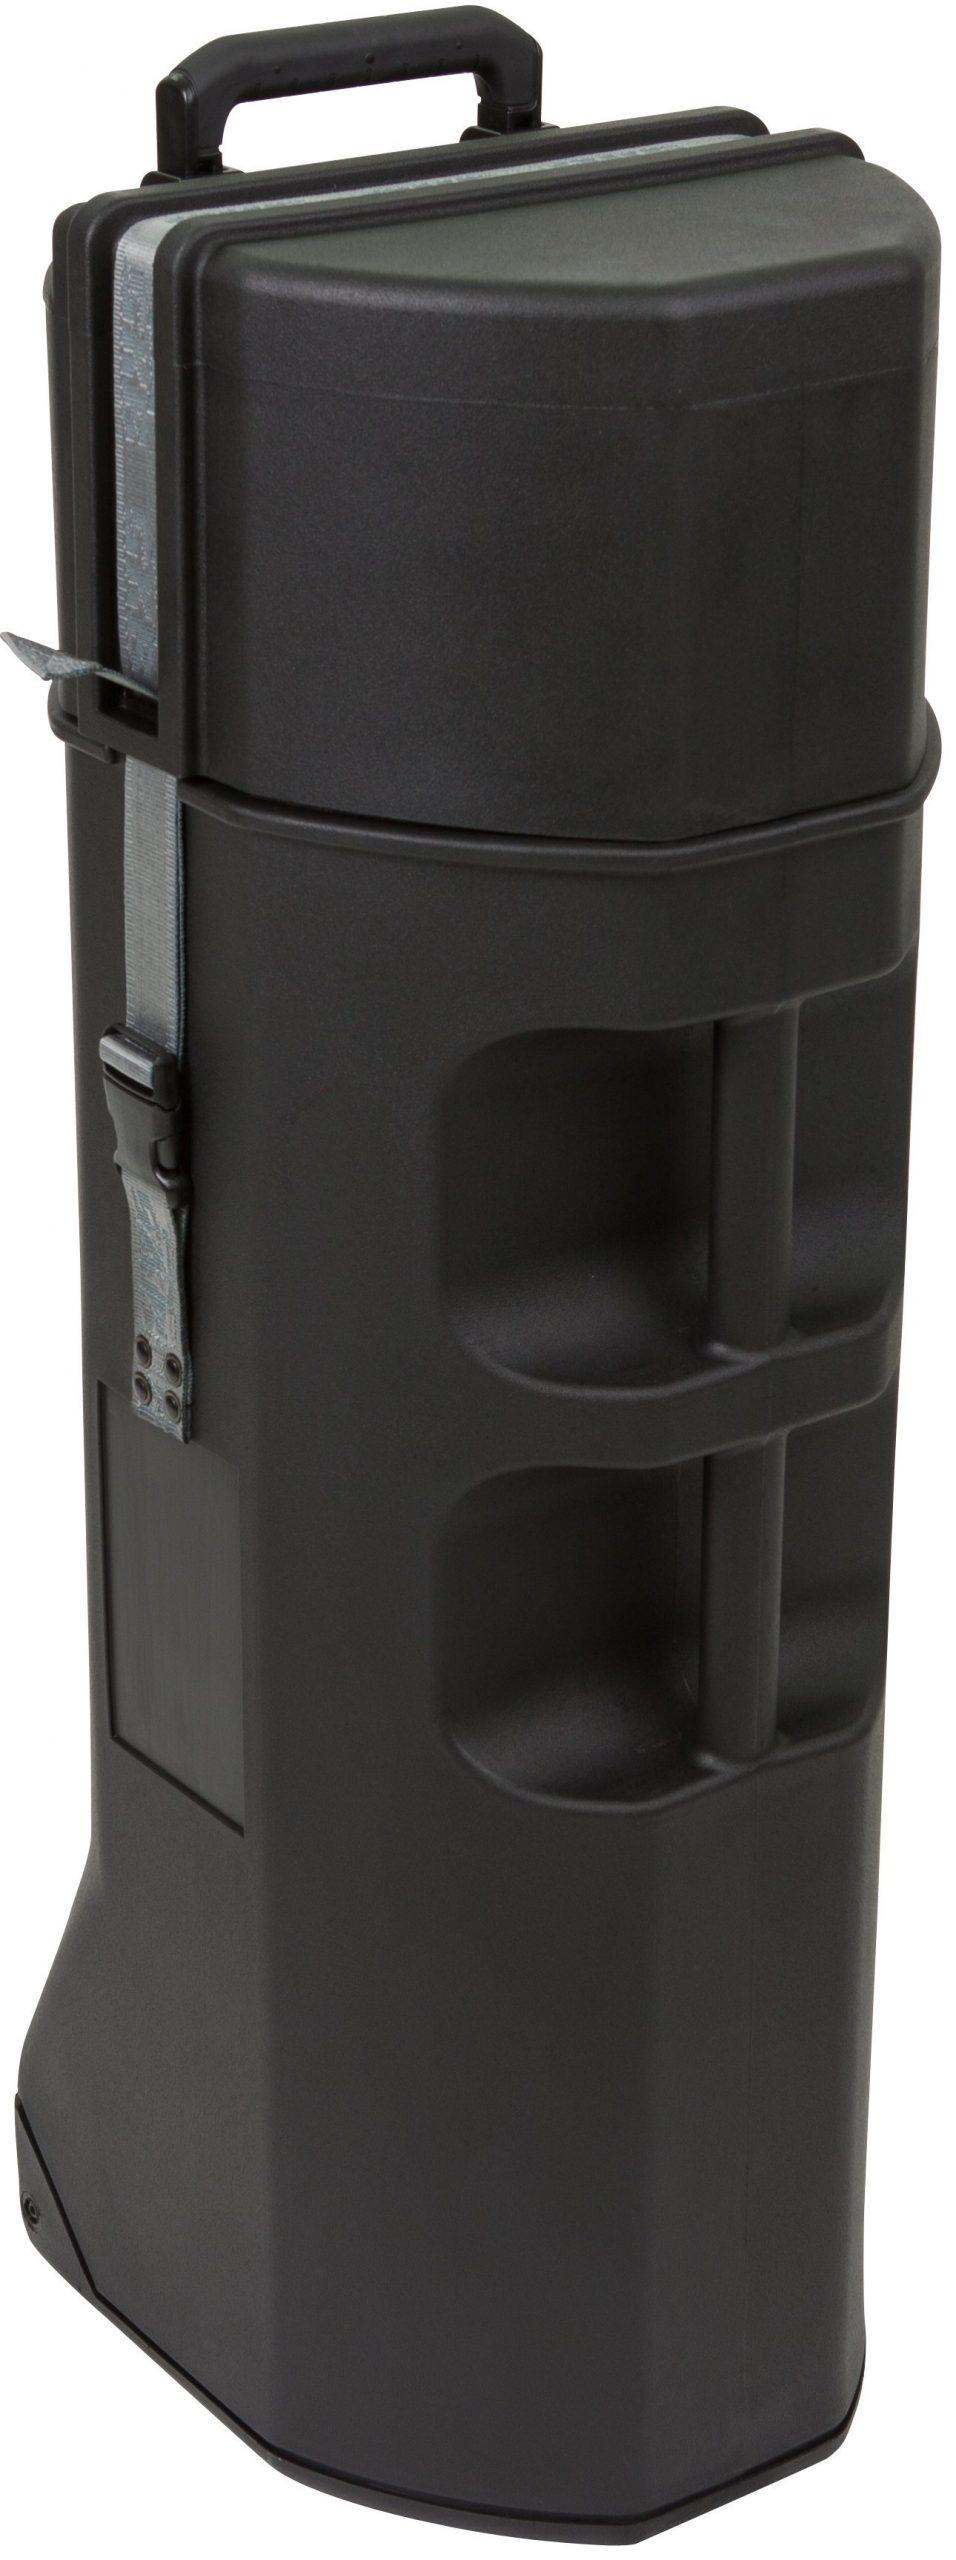 CCR3411W1SK Case